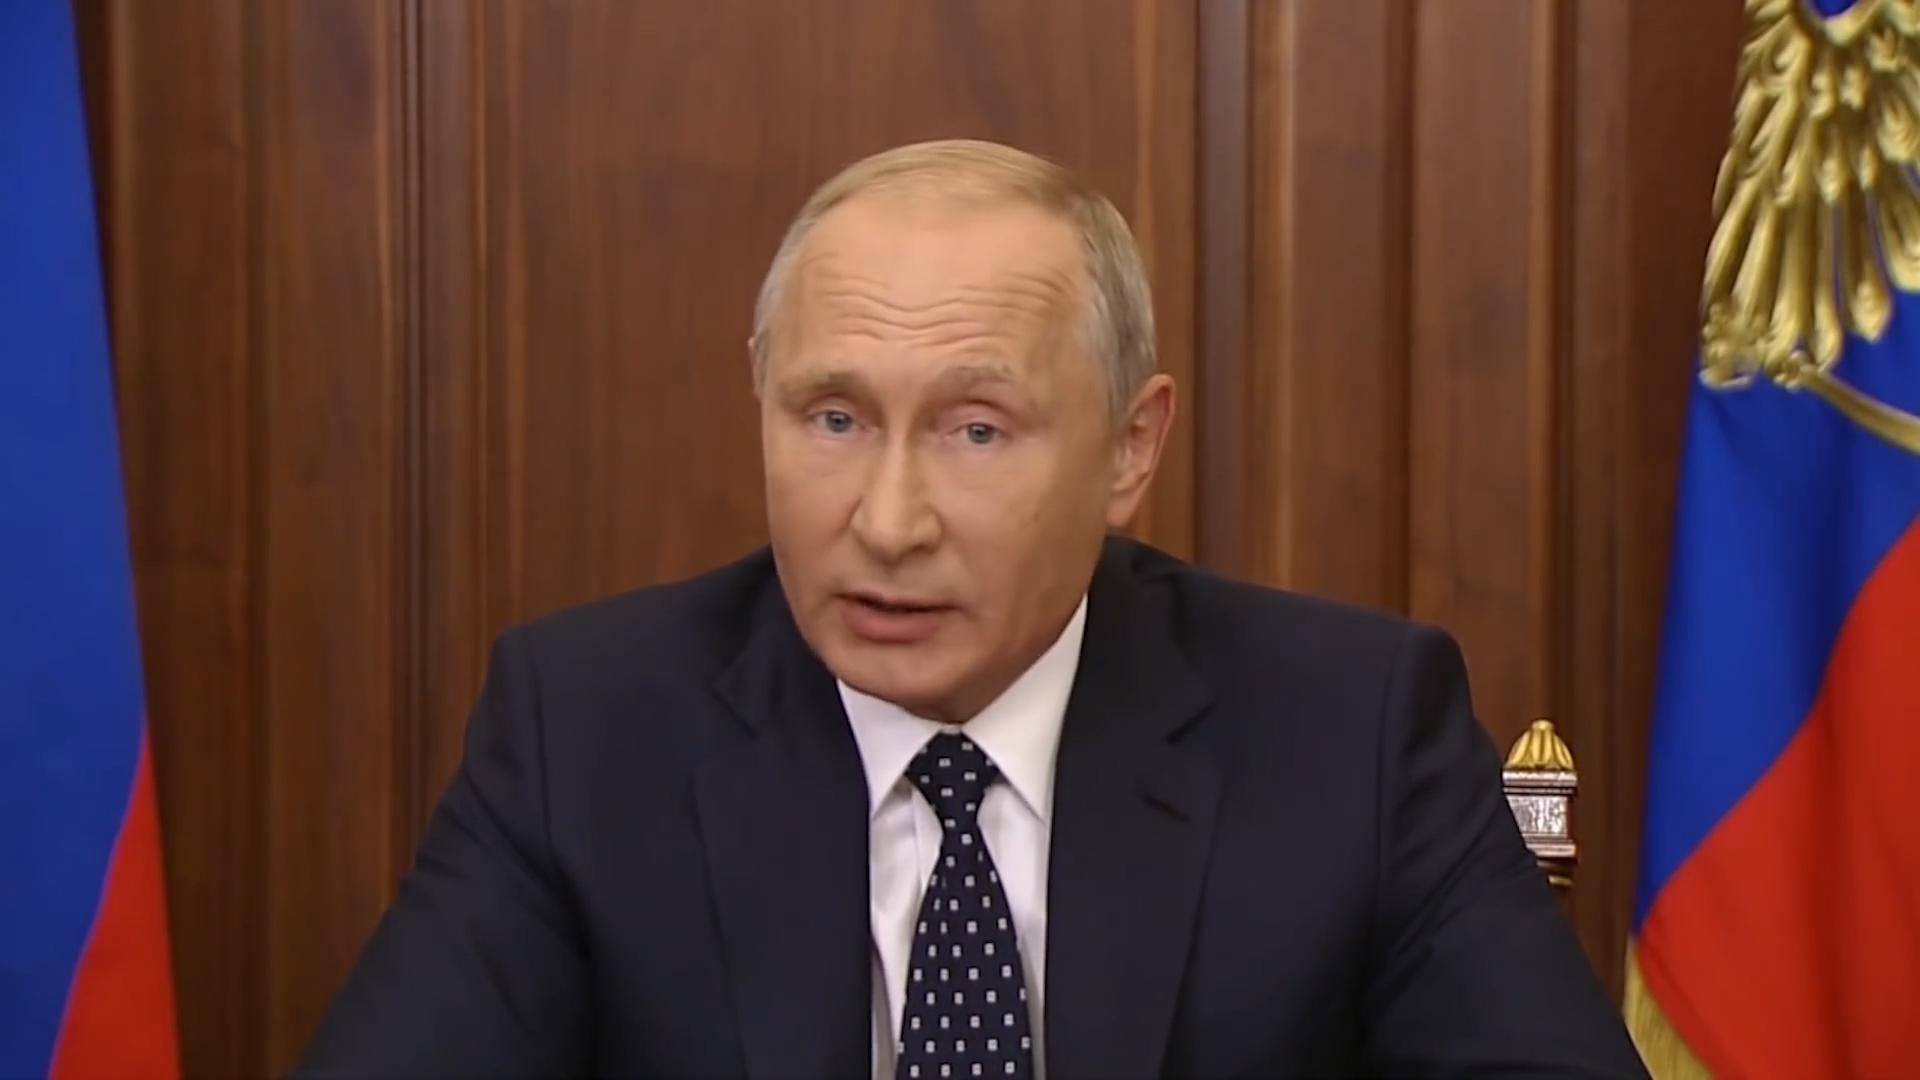 Путин экономически «отменил» пенсионную реформу. Незамеченная революция-02